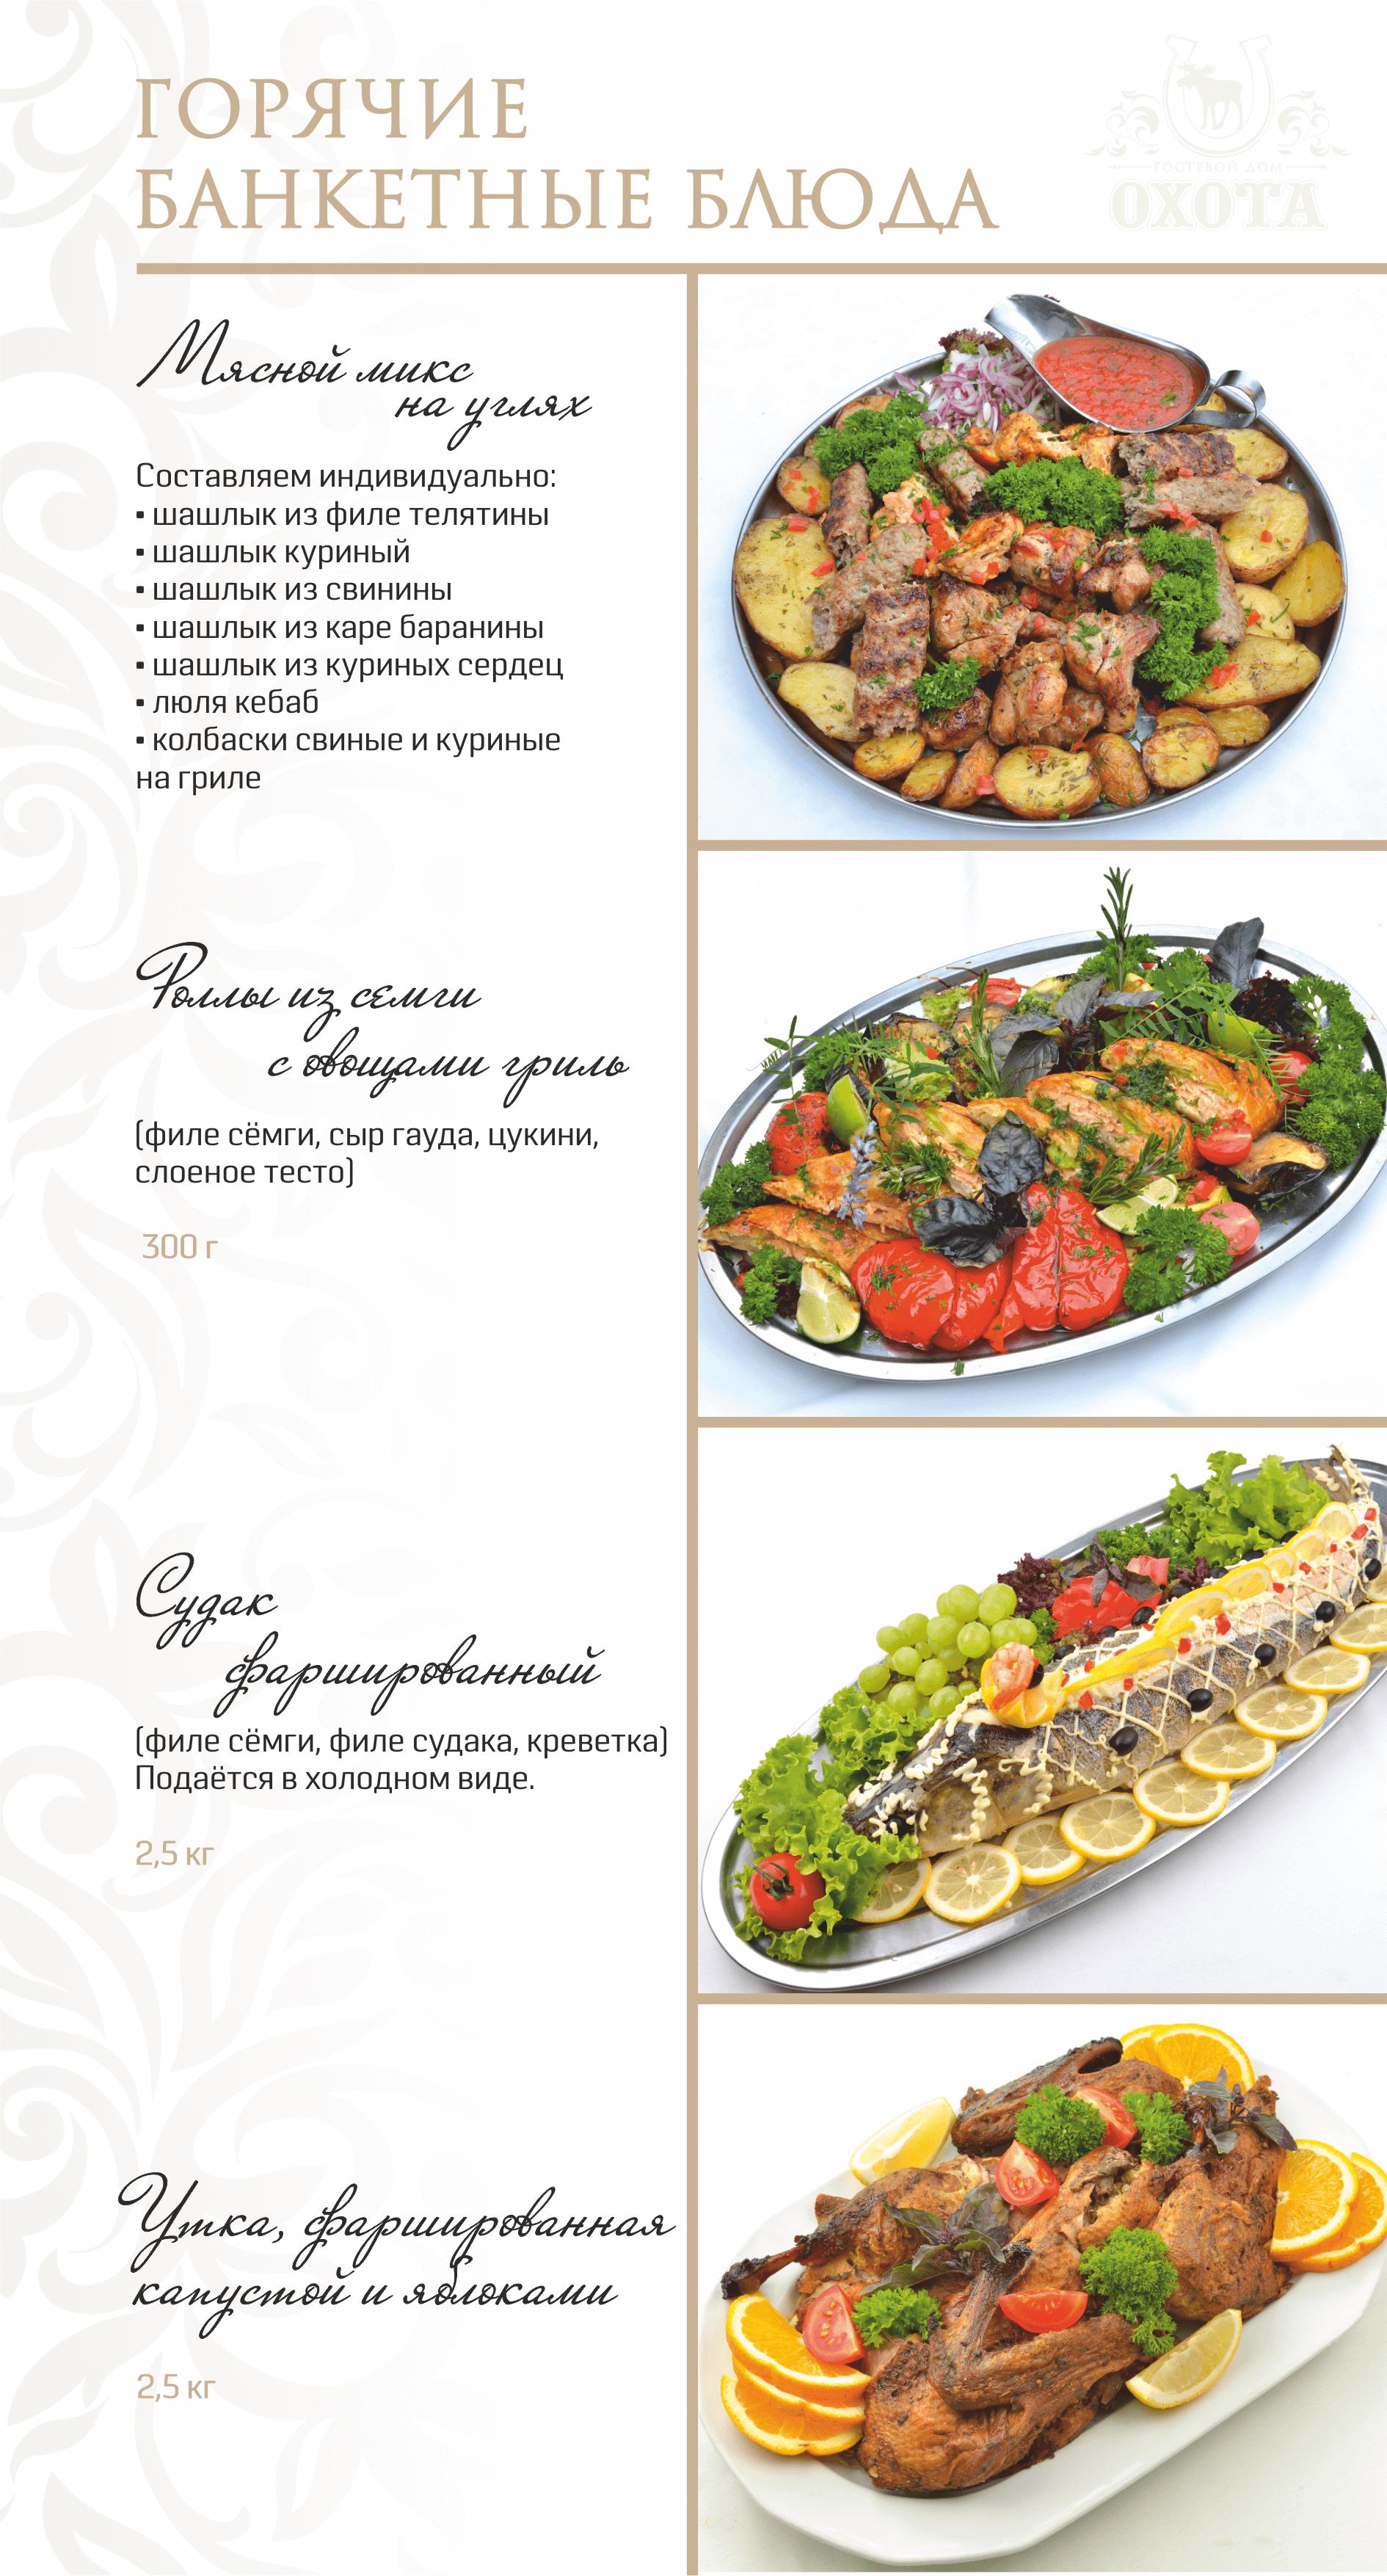 Балеш татарский пирог рецепт с фото писали критики